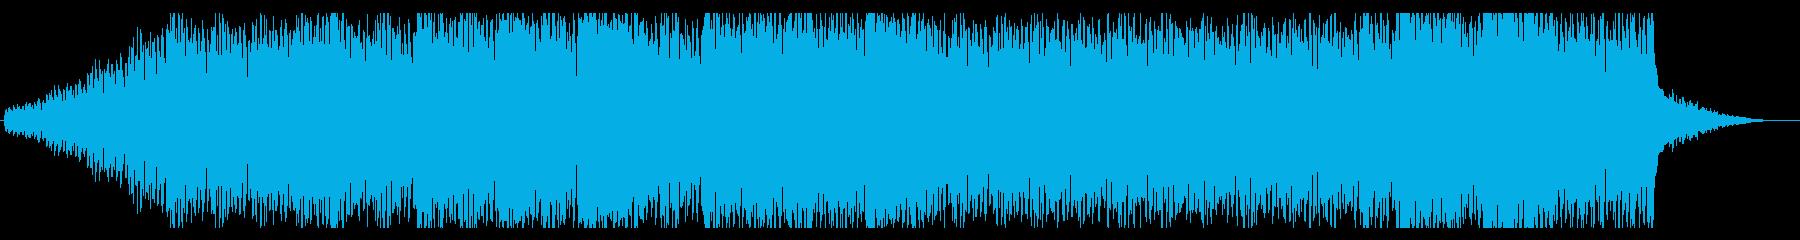 近未来的でダークなBGM No.2の再生済みの波形